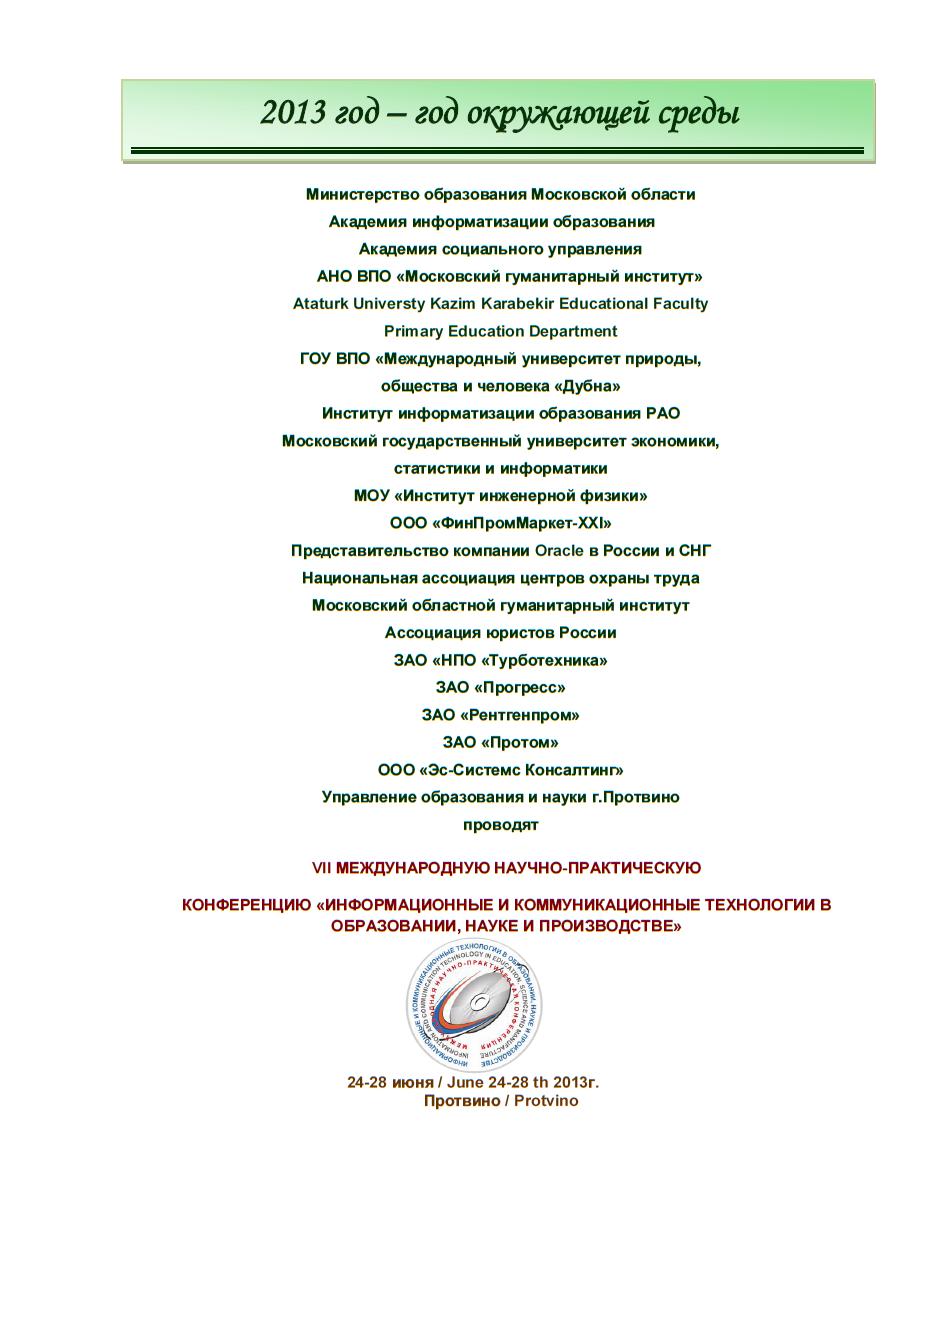 Информационные и коммуникационные технологии в образовании, науке и производстве: Сборник трудов VII международной научно-практической конференции